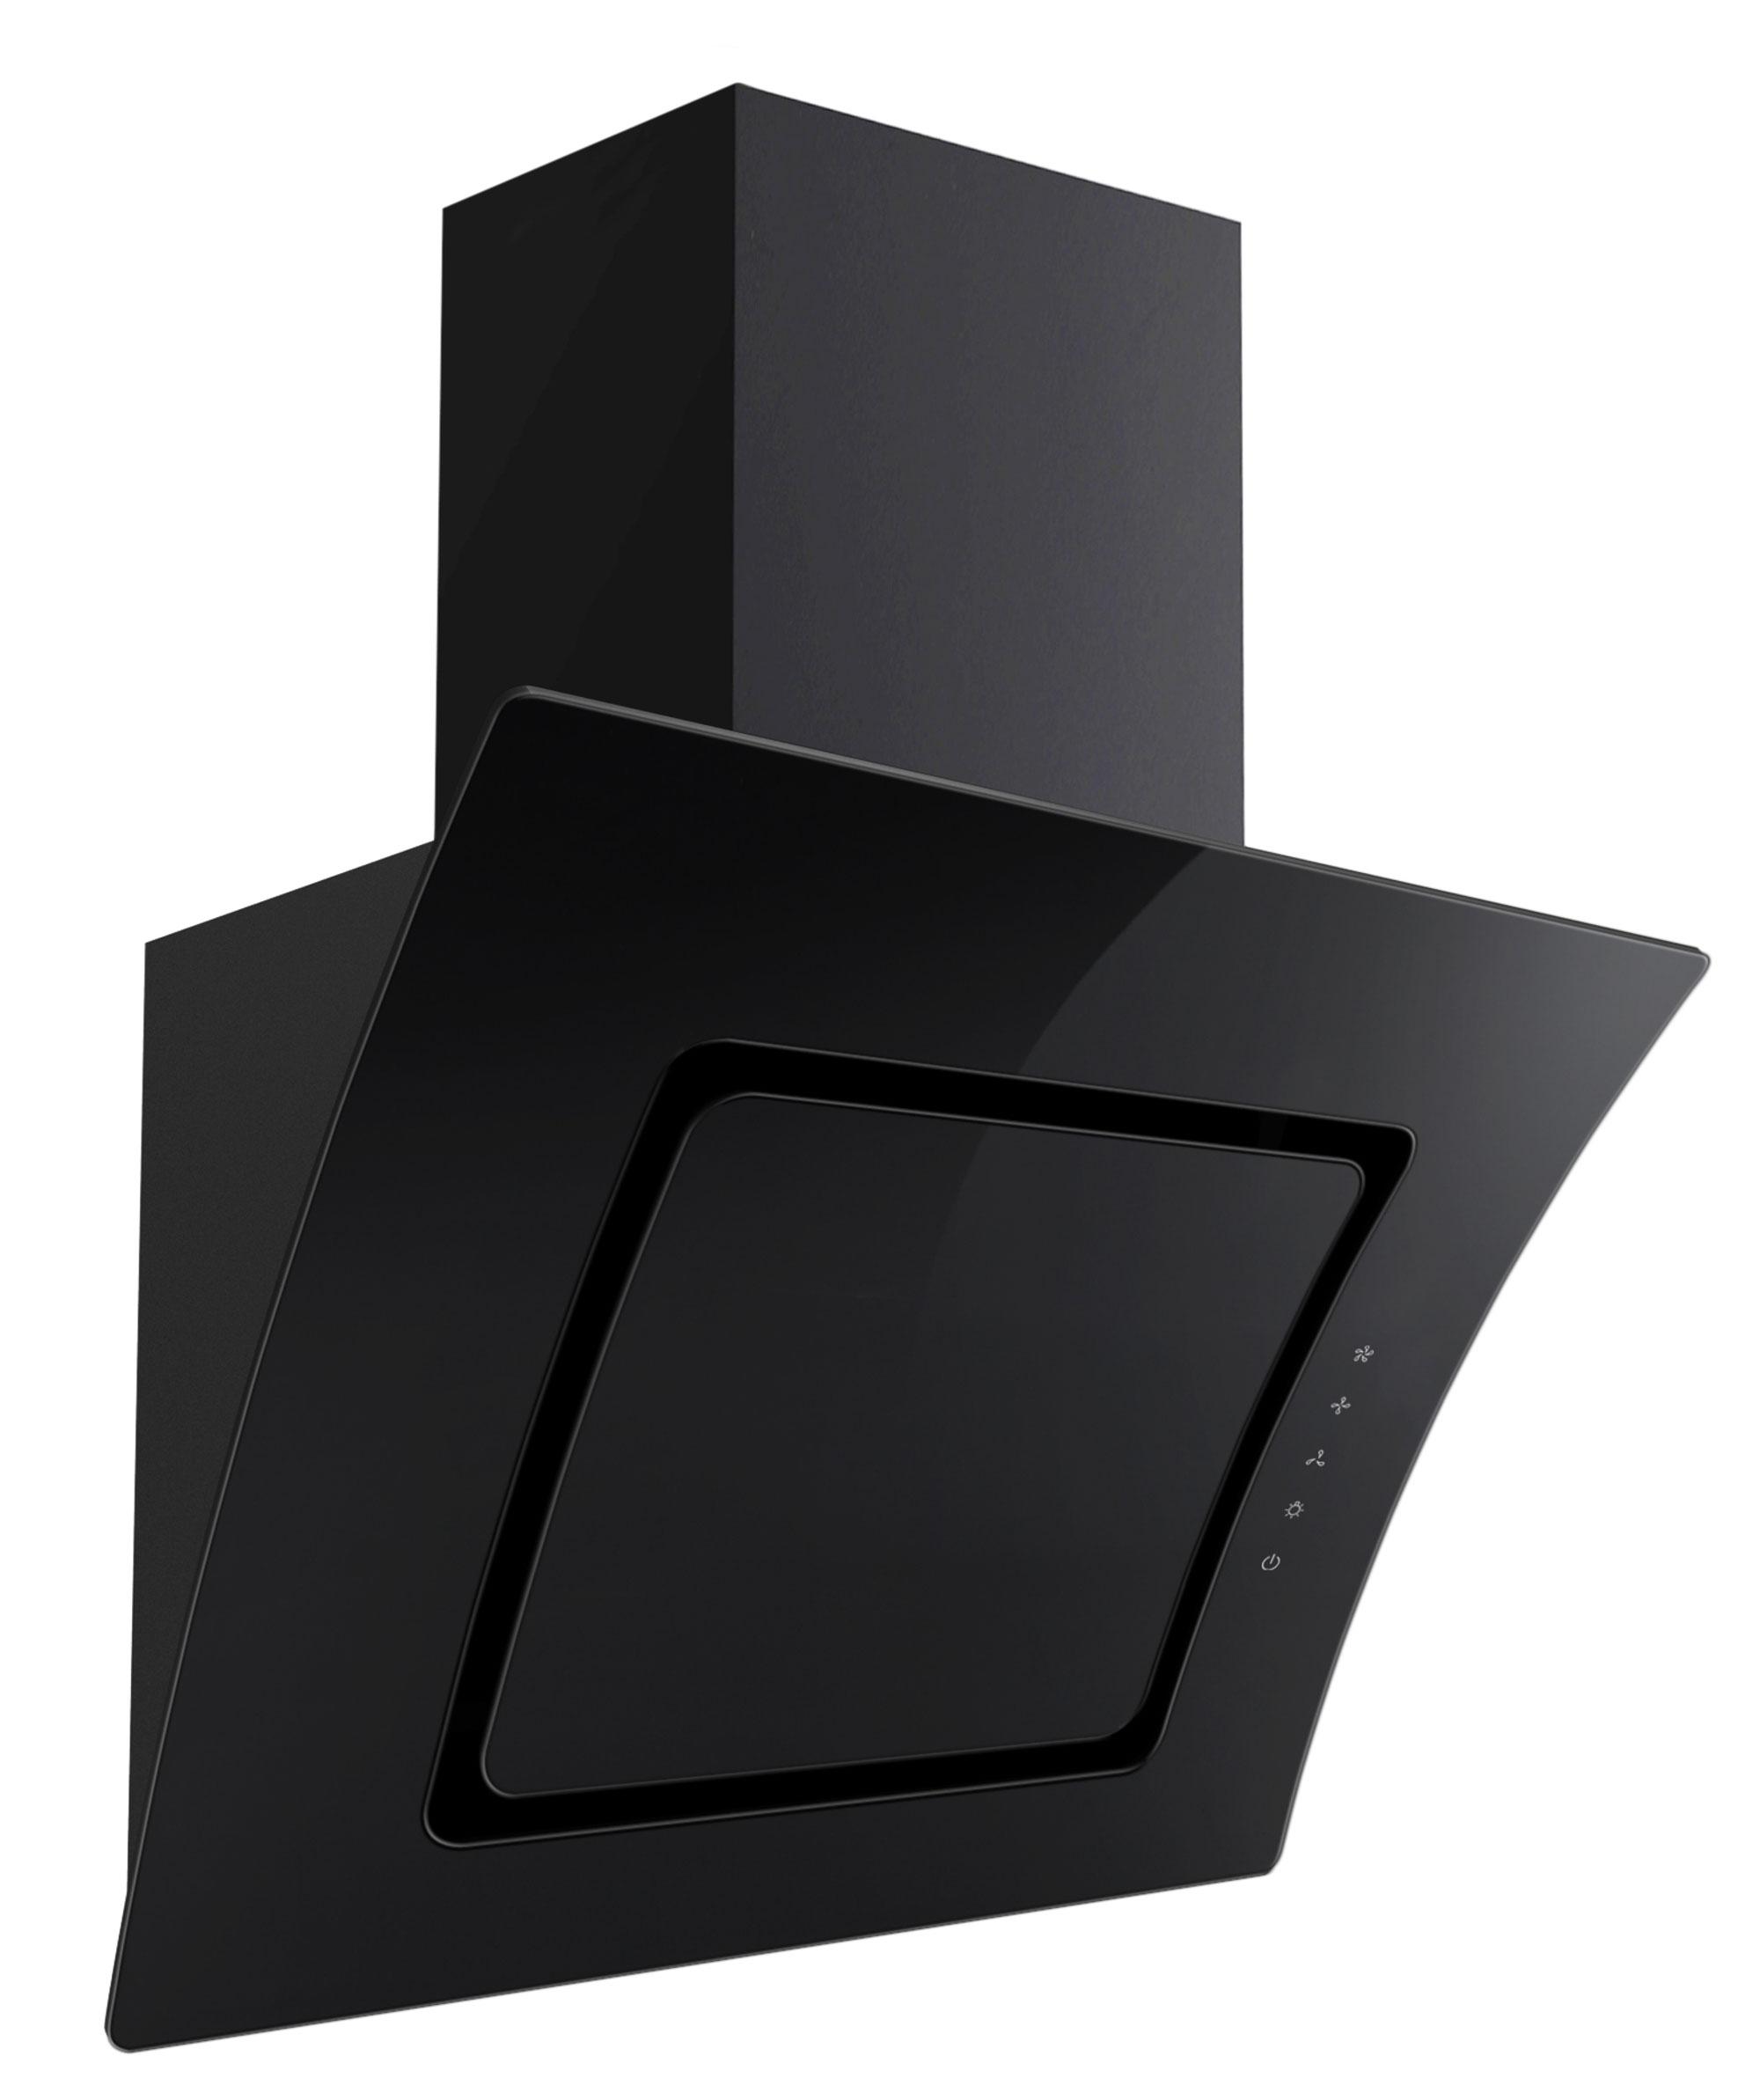 Dunstabzugshaube / Schräghaube Respekta CH 55060 SA 60cm schwarz Bild 2